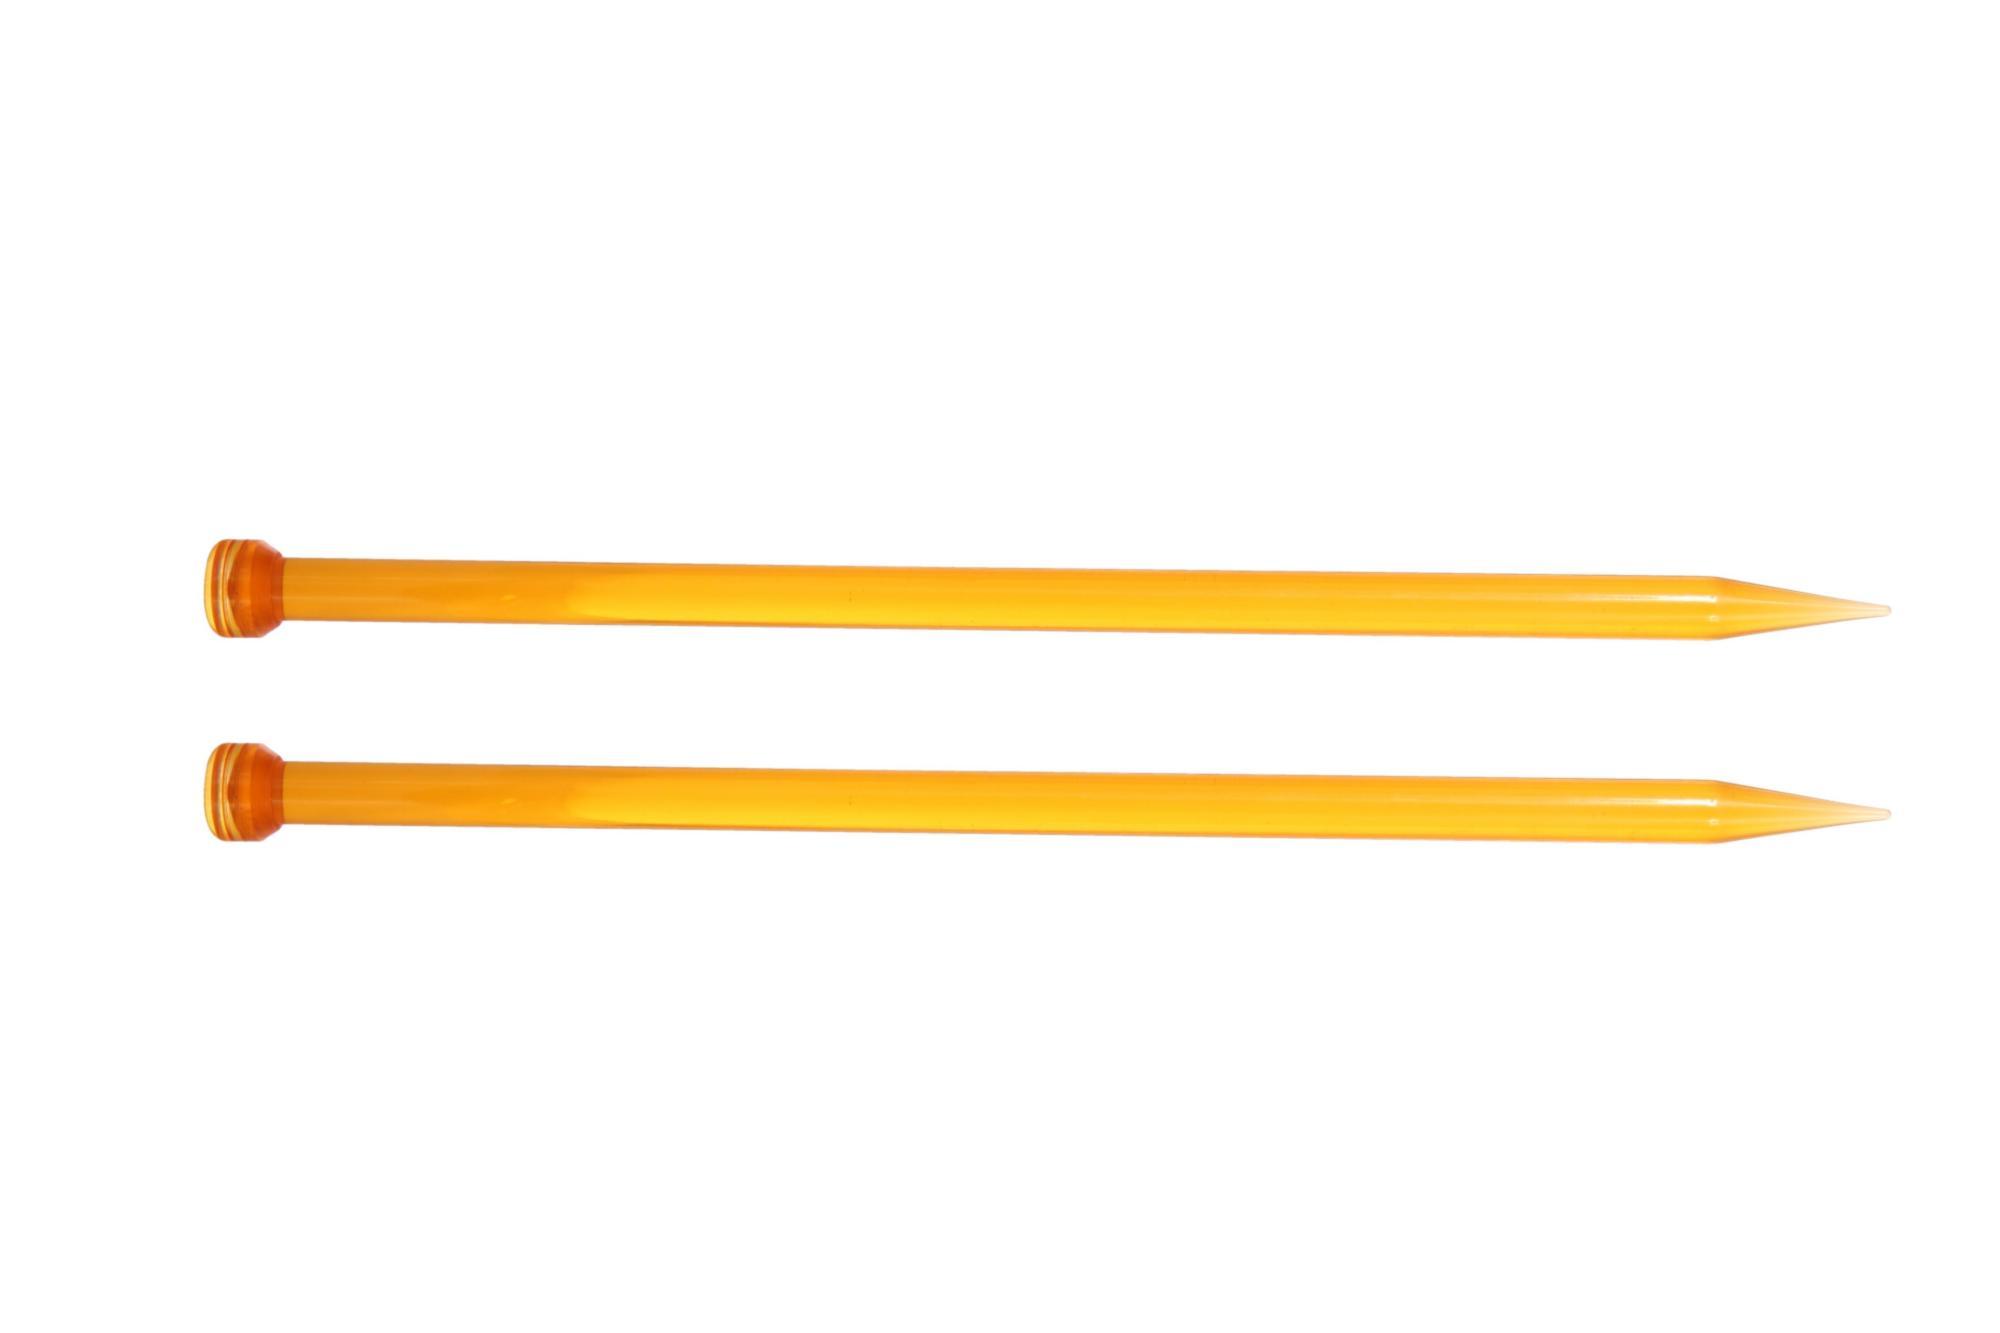 Спицы прямые 30 см Trendz KnitPro, 51191, 4.00 мм